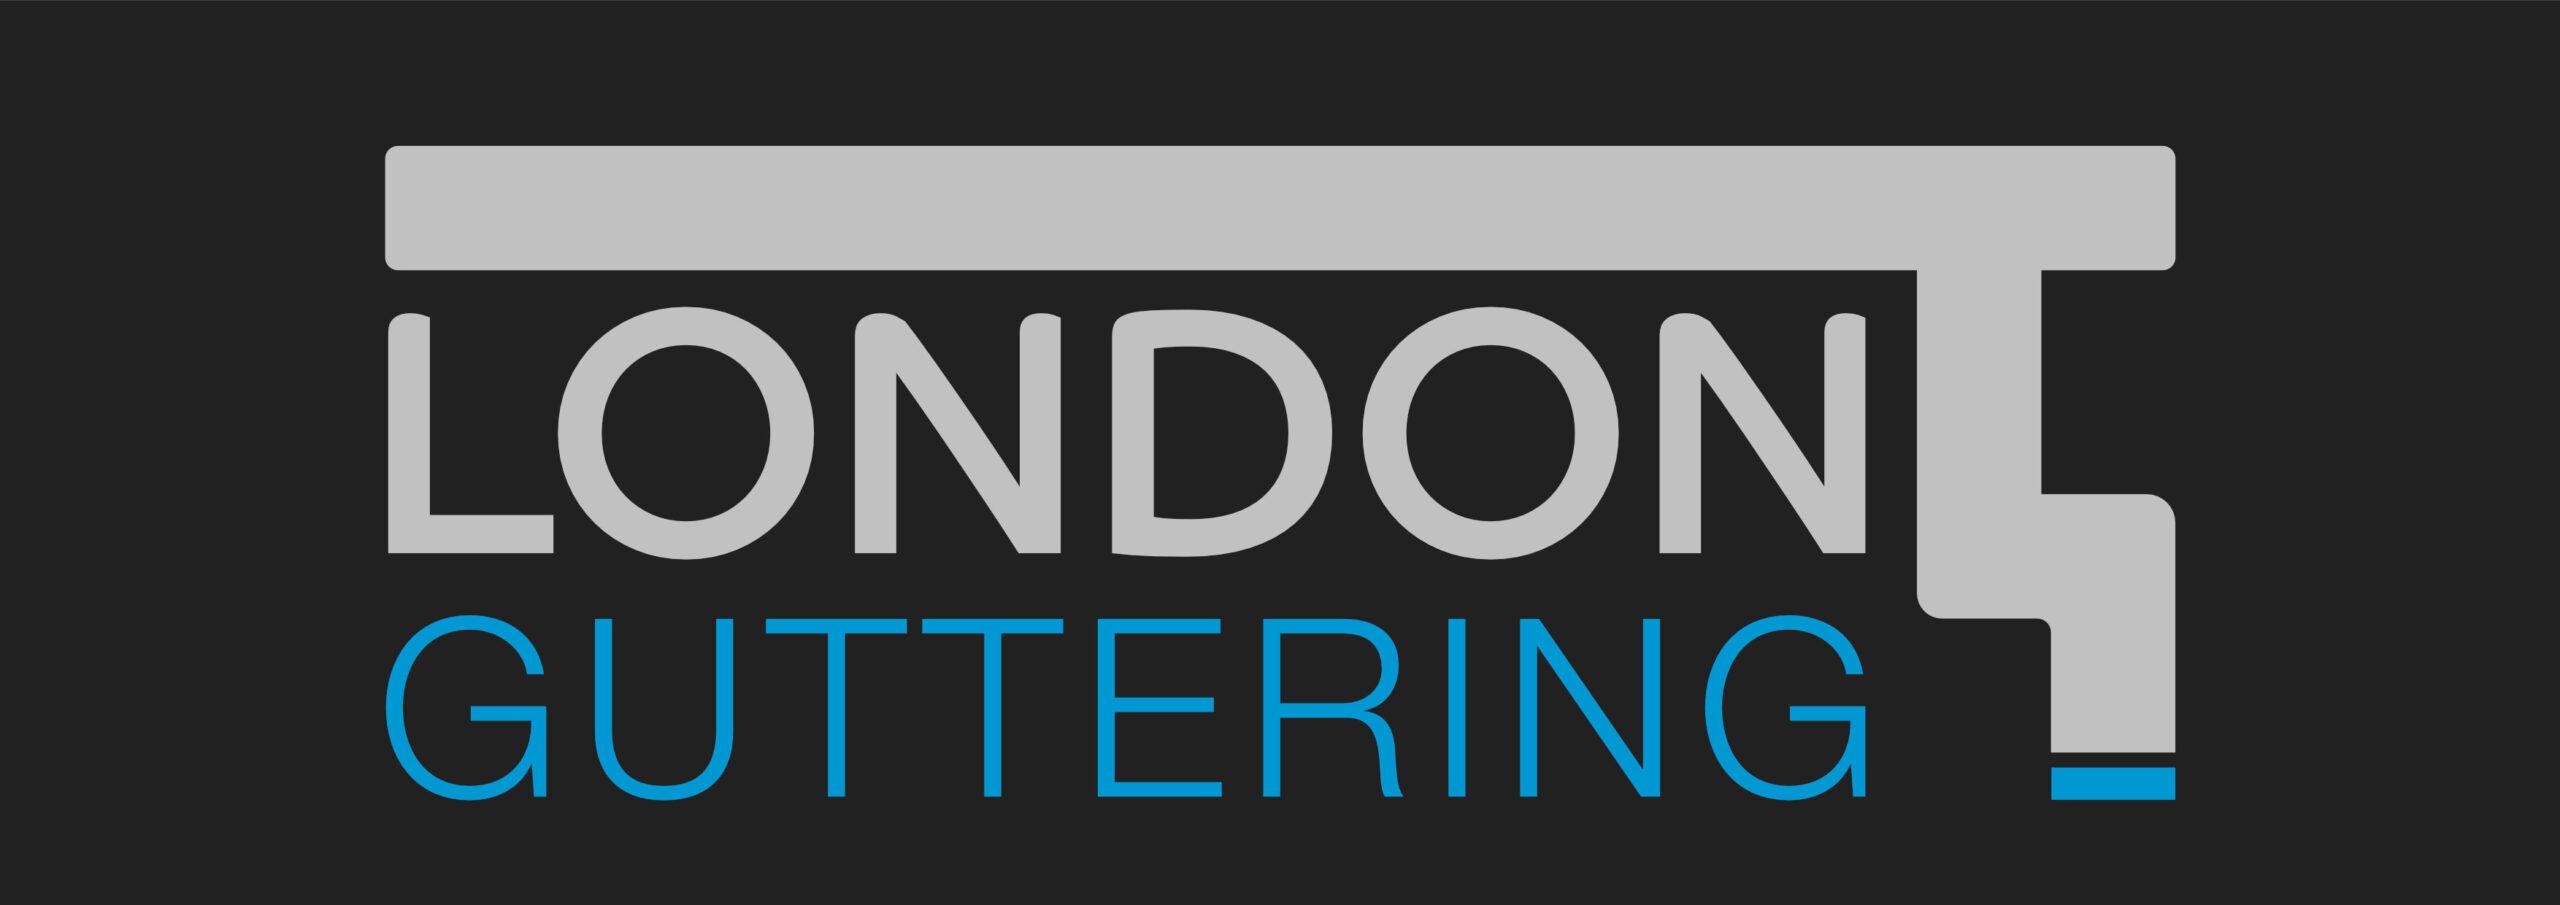 London Guttering